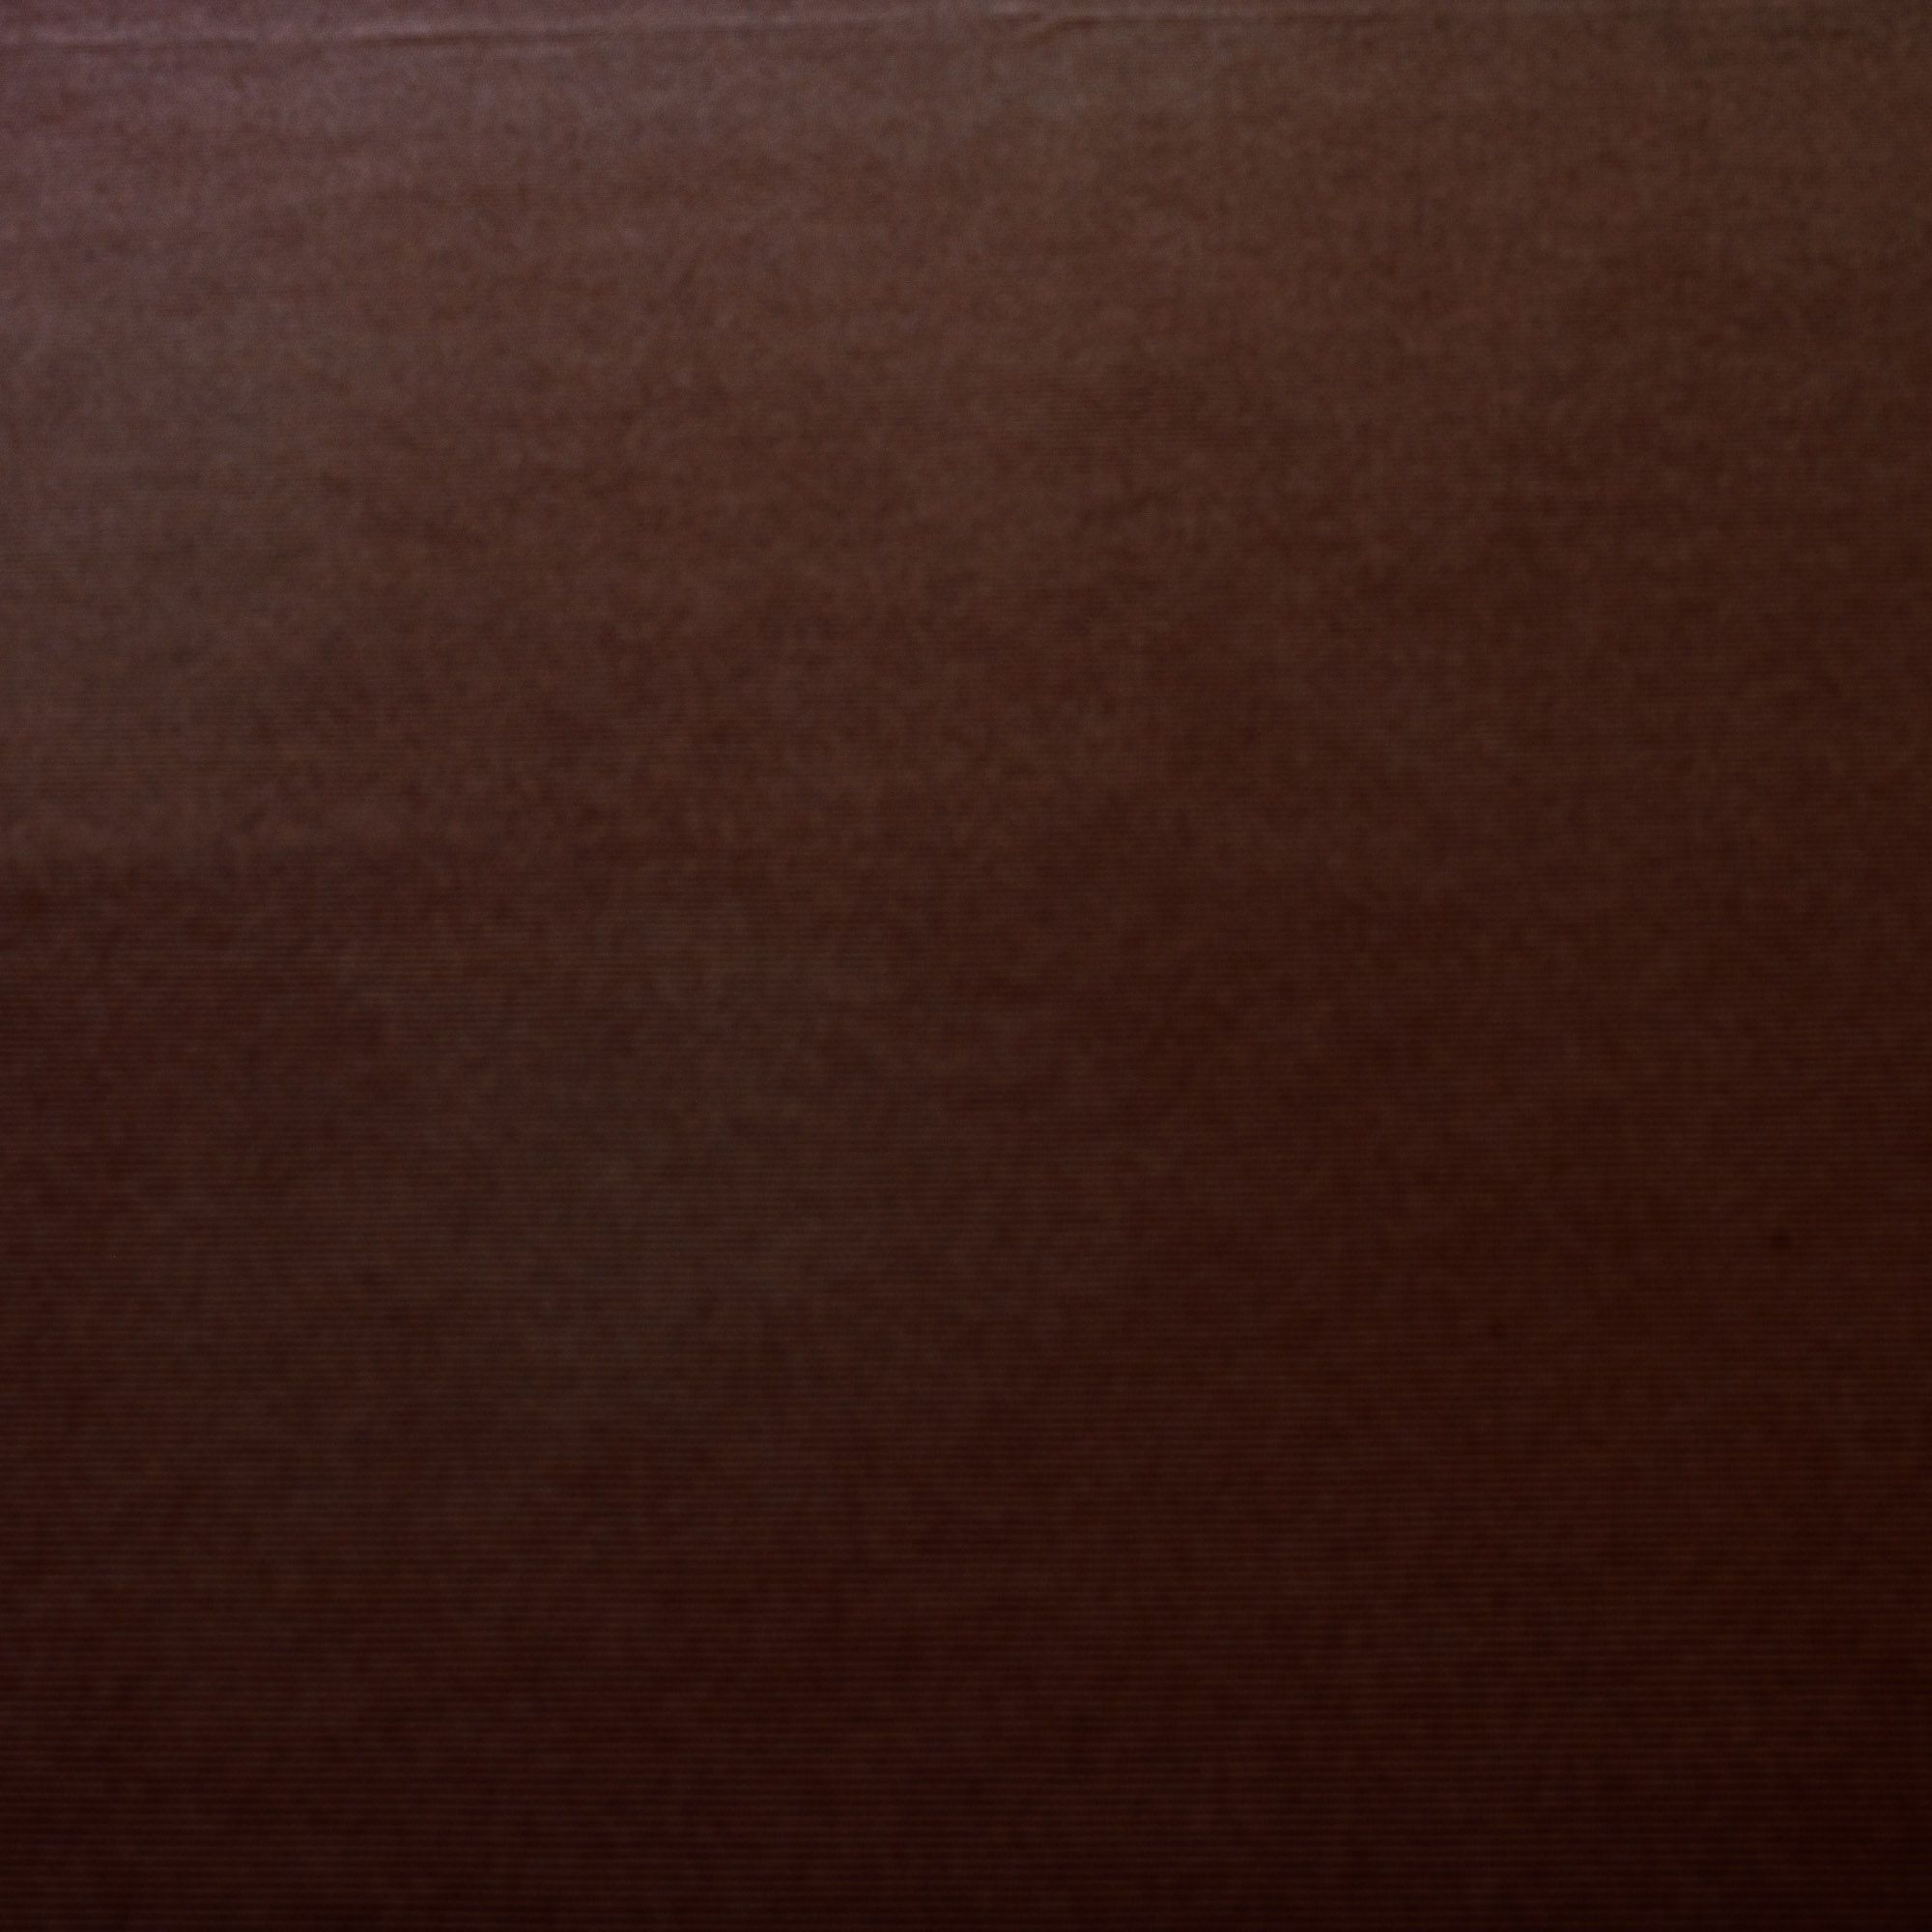 Tecido Malha Canelada Marrom 92% Poliester 8% Elastano 1,50 m Largura